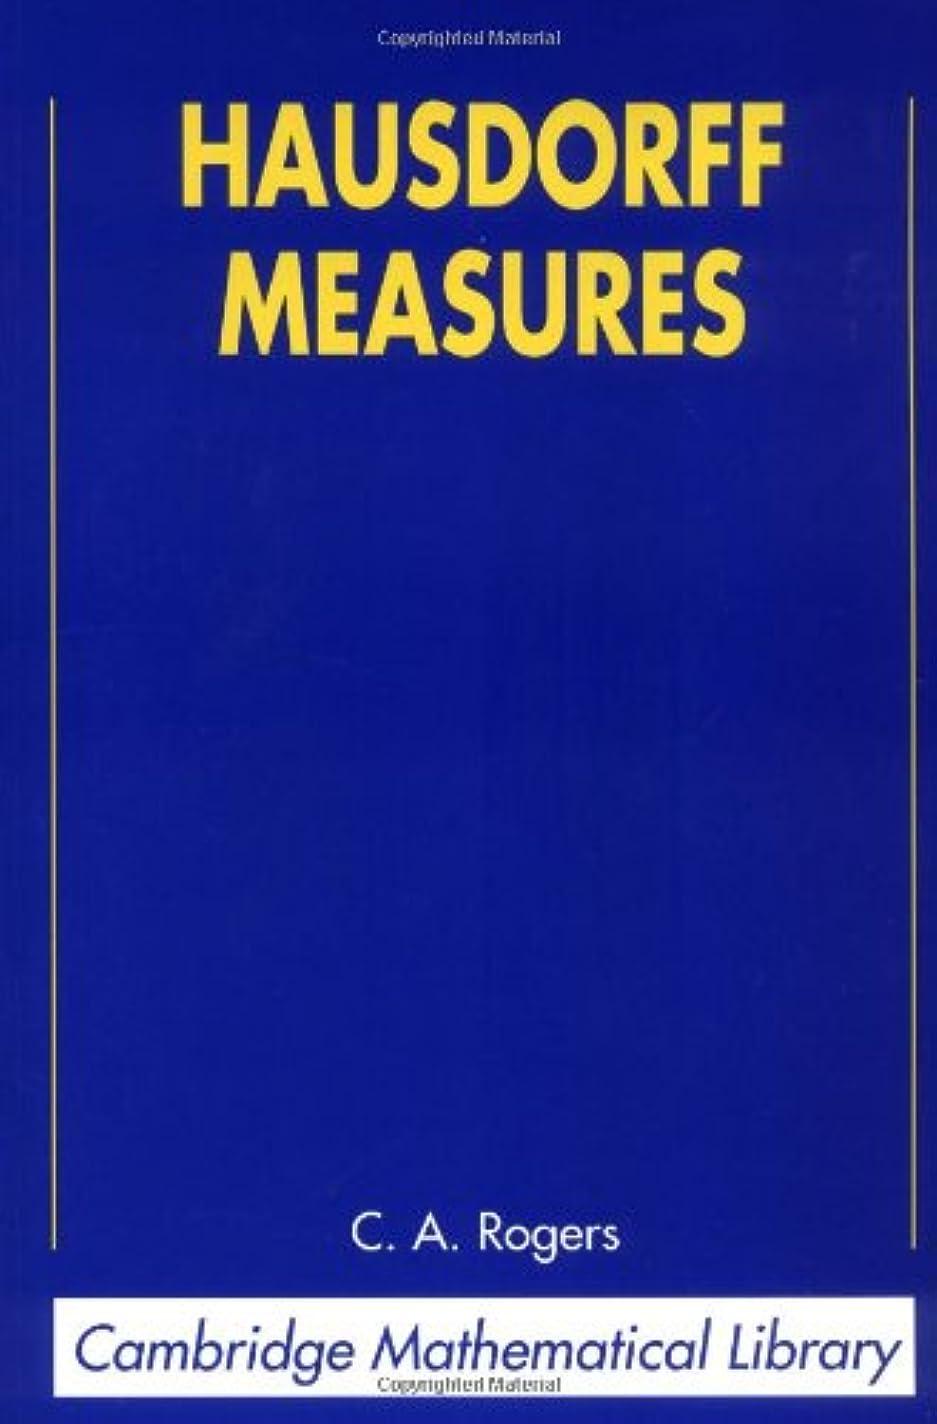 潮音楽家捨てるHausdorff Measures (Cambridge Mathematical Library)